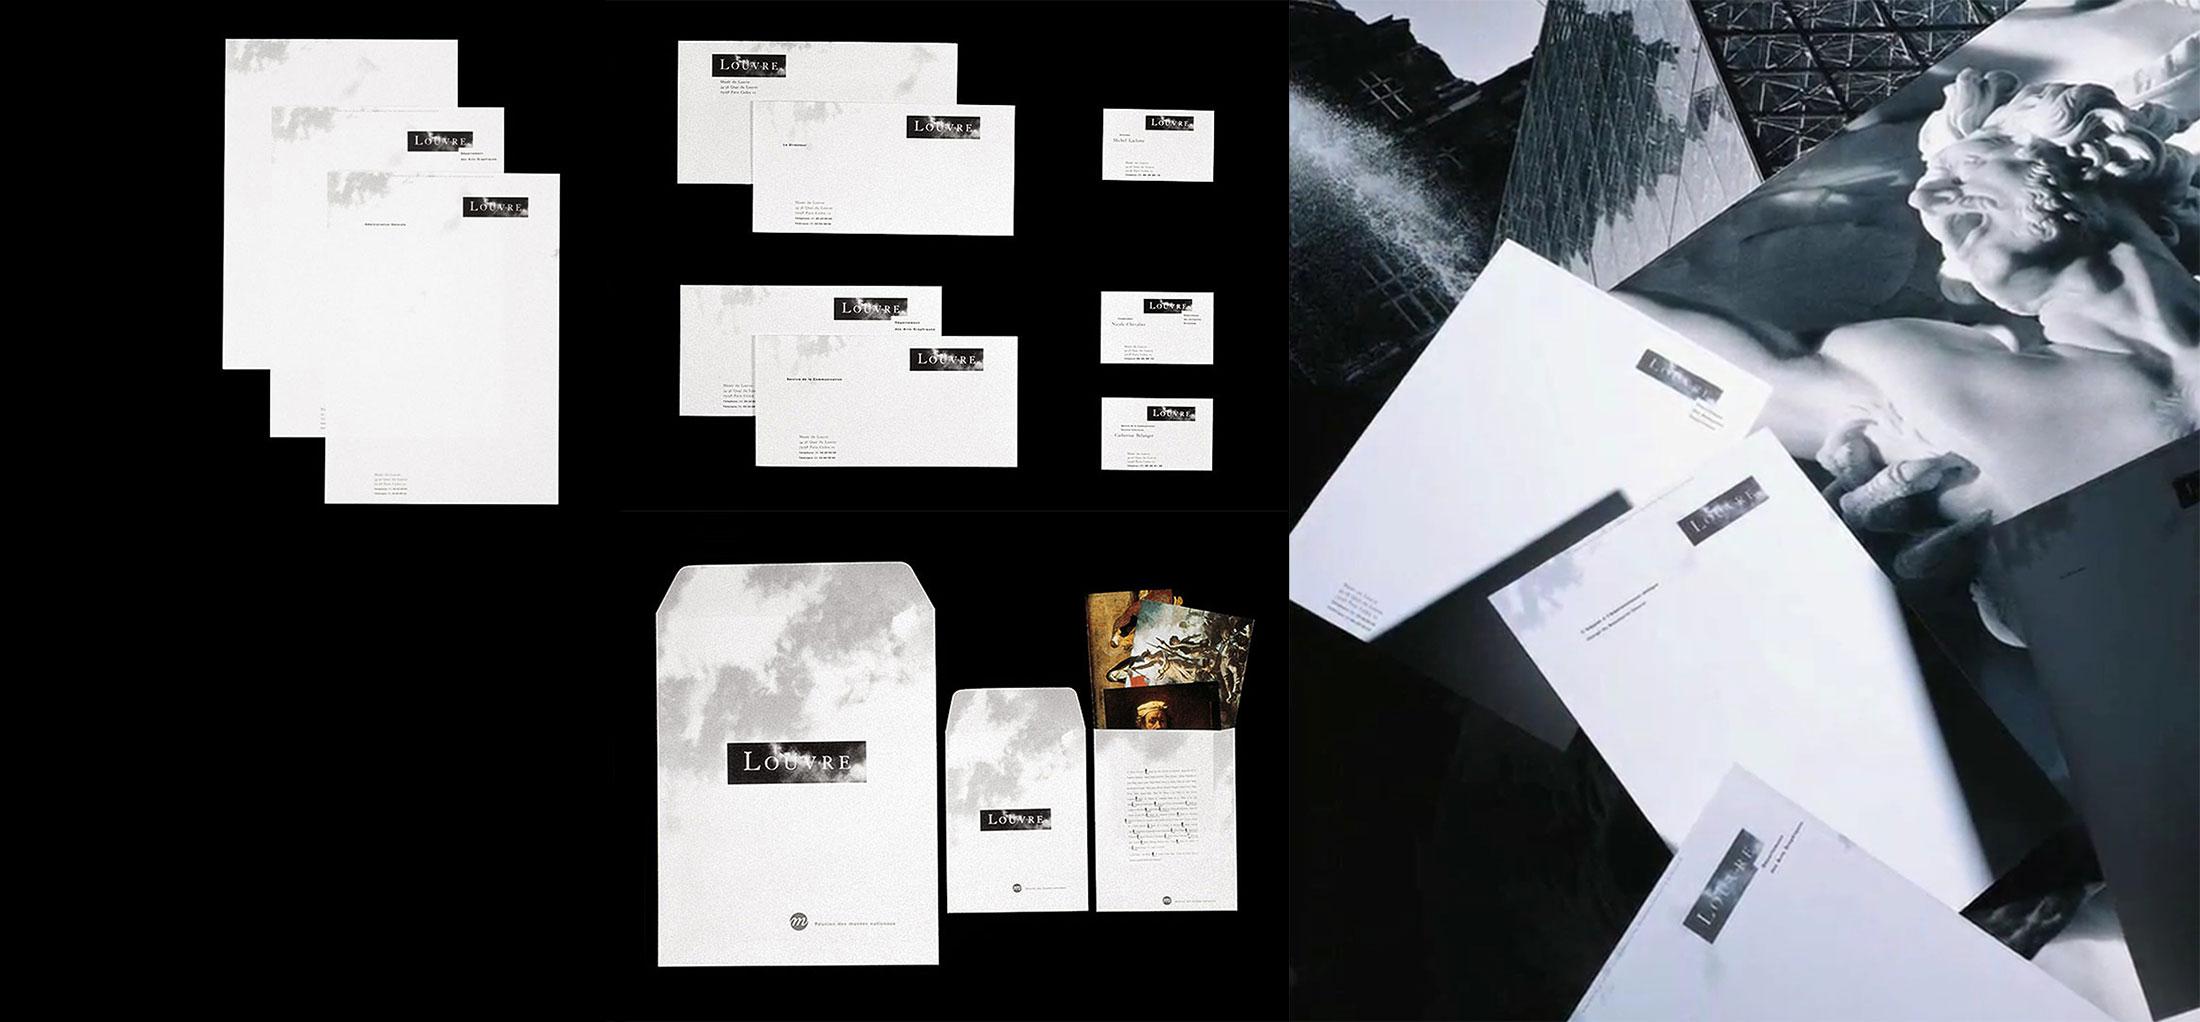 pierre-bernard-graphisme-atelier-de-creation-graphique-louvre-identite-89-92-01